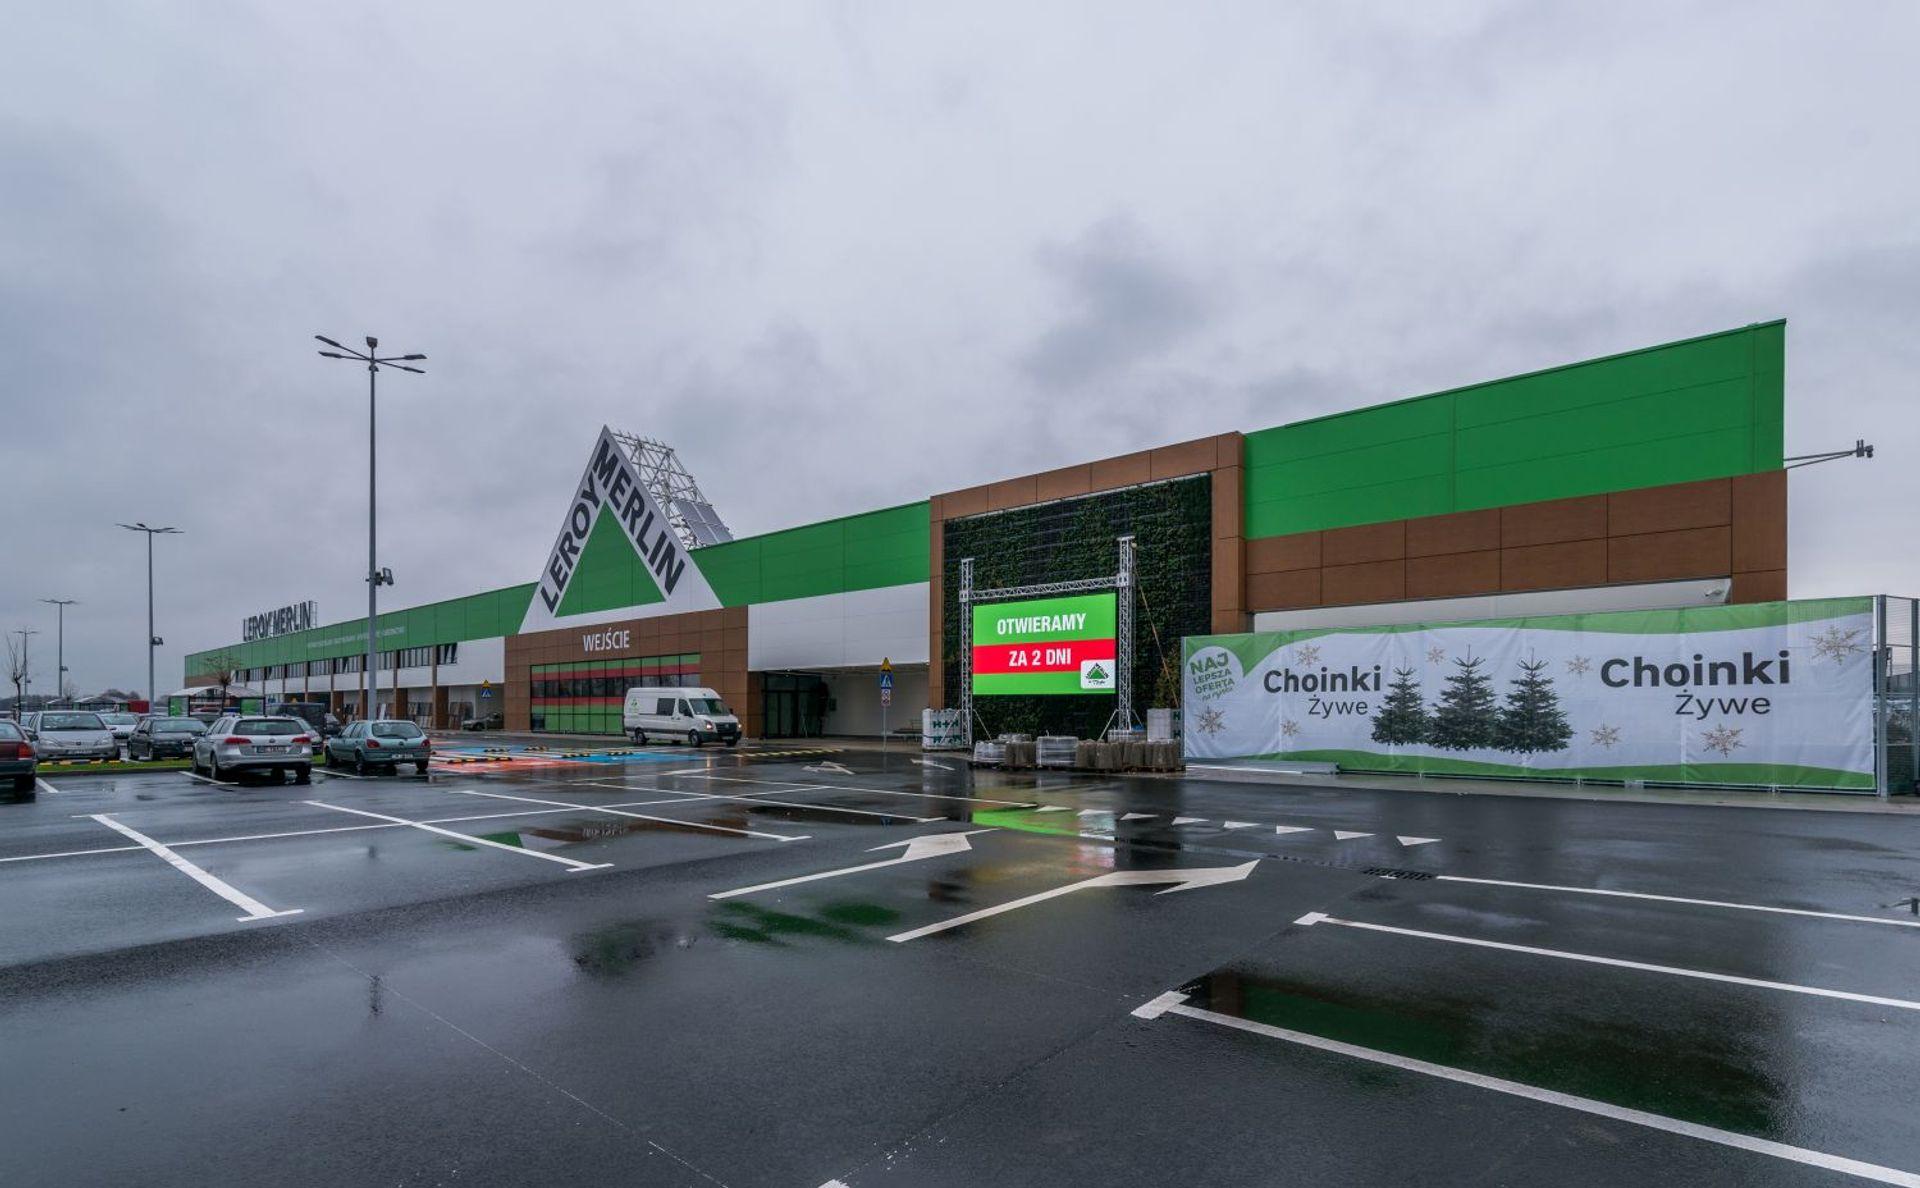 [Aglomeracja Wrocławska] Gigamarket Leroy Merlin w podwrocławskim Mirkowie otwarty